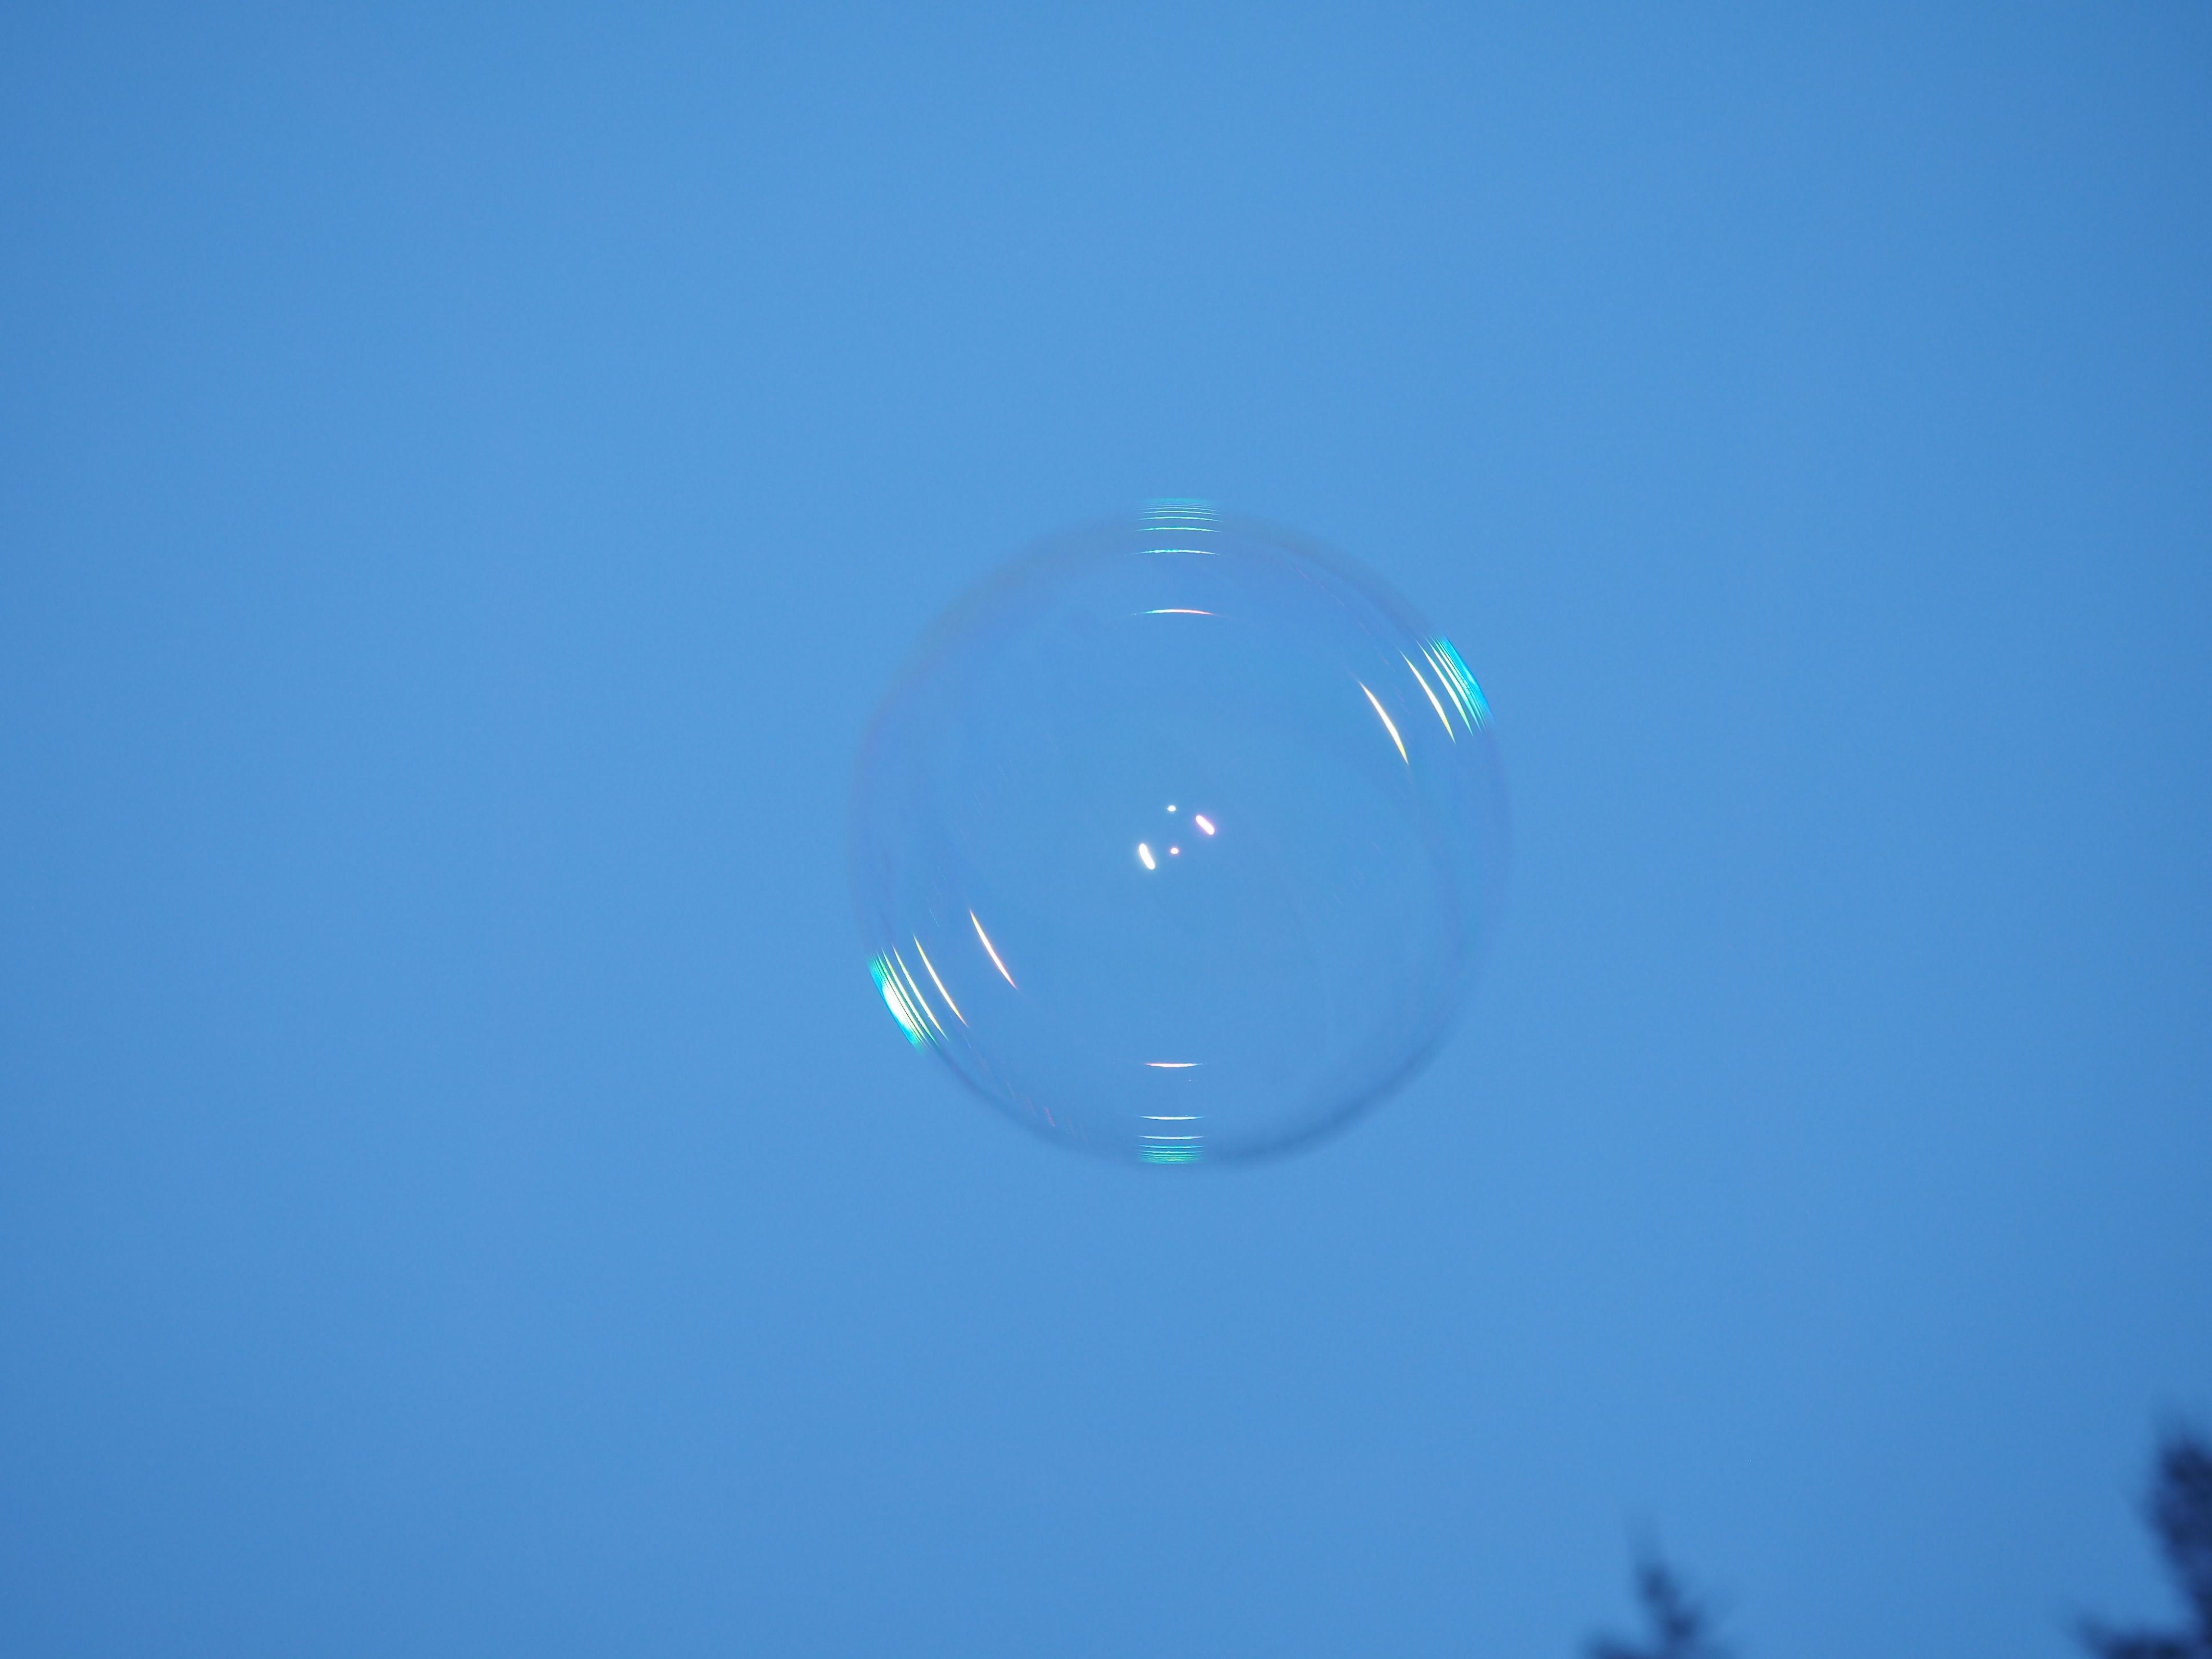 Frozen Bubble - ©Kevin Haggkvist